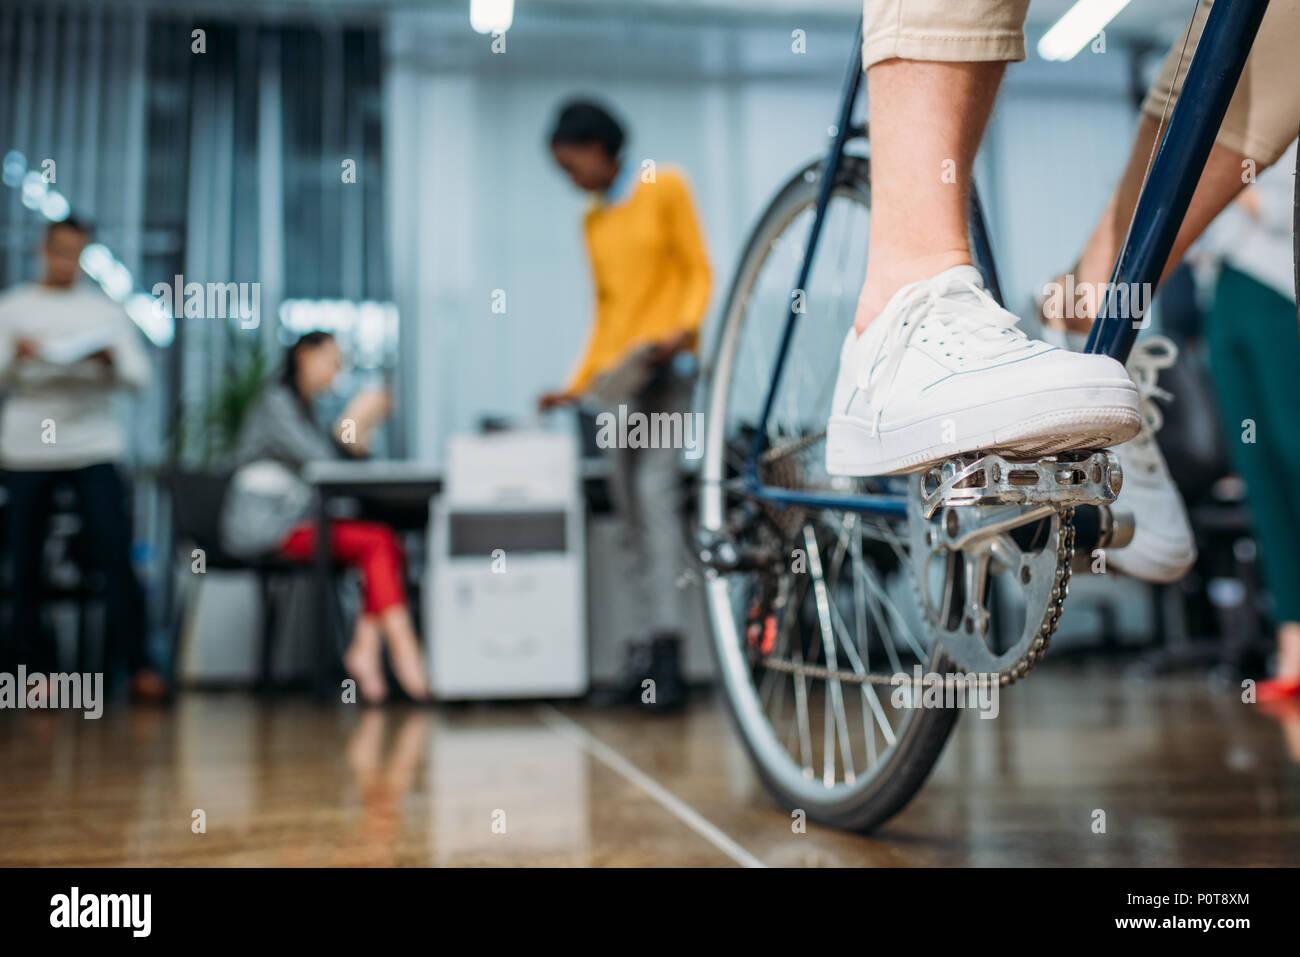 Ritagliato colpo di persona in bicicletta equitazione presso un ufficio moderno Foto Stock